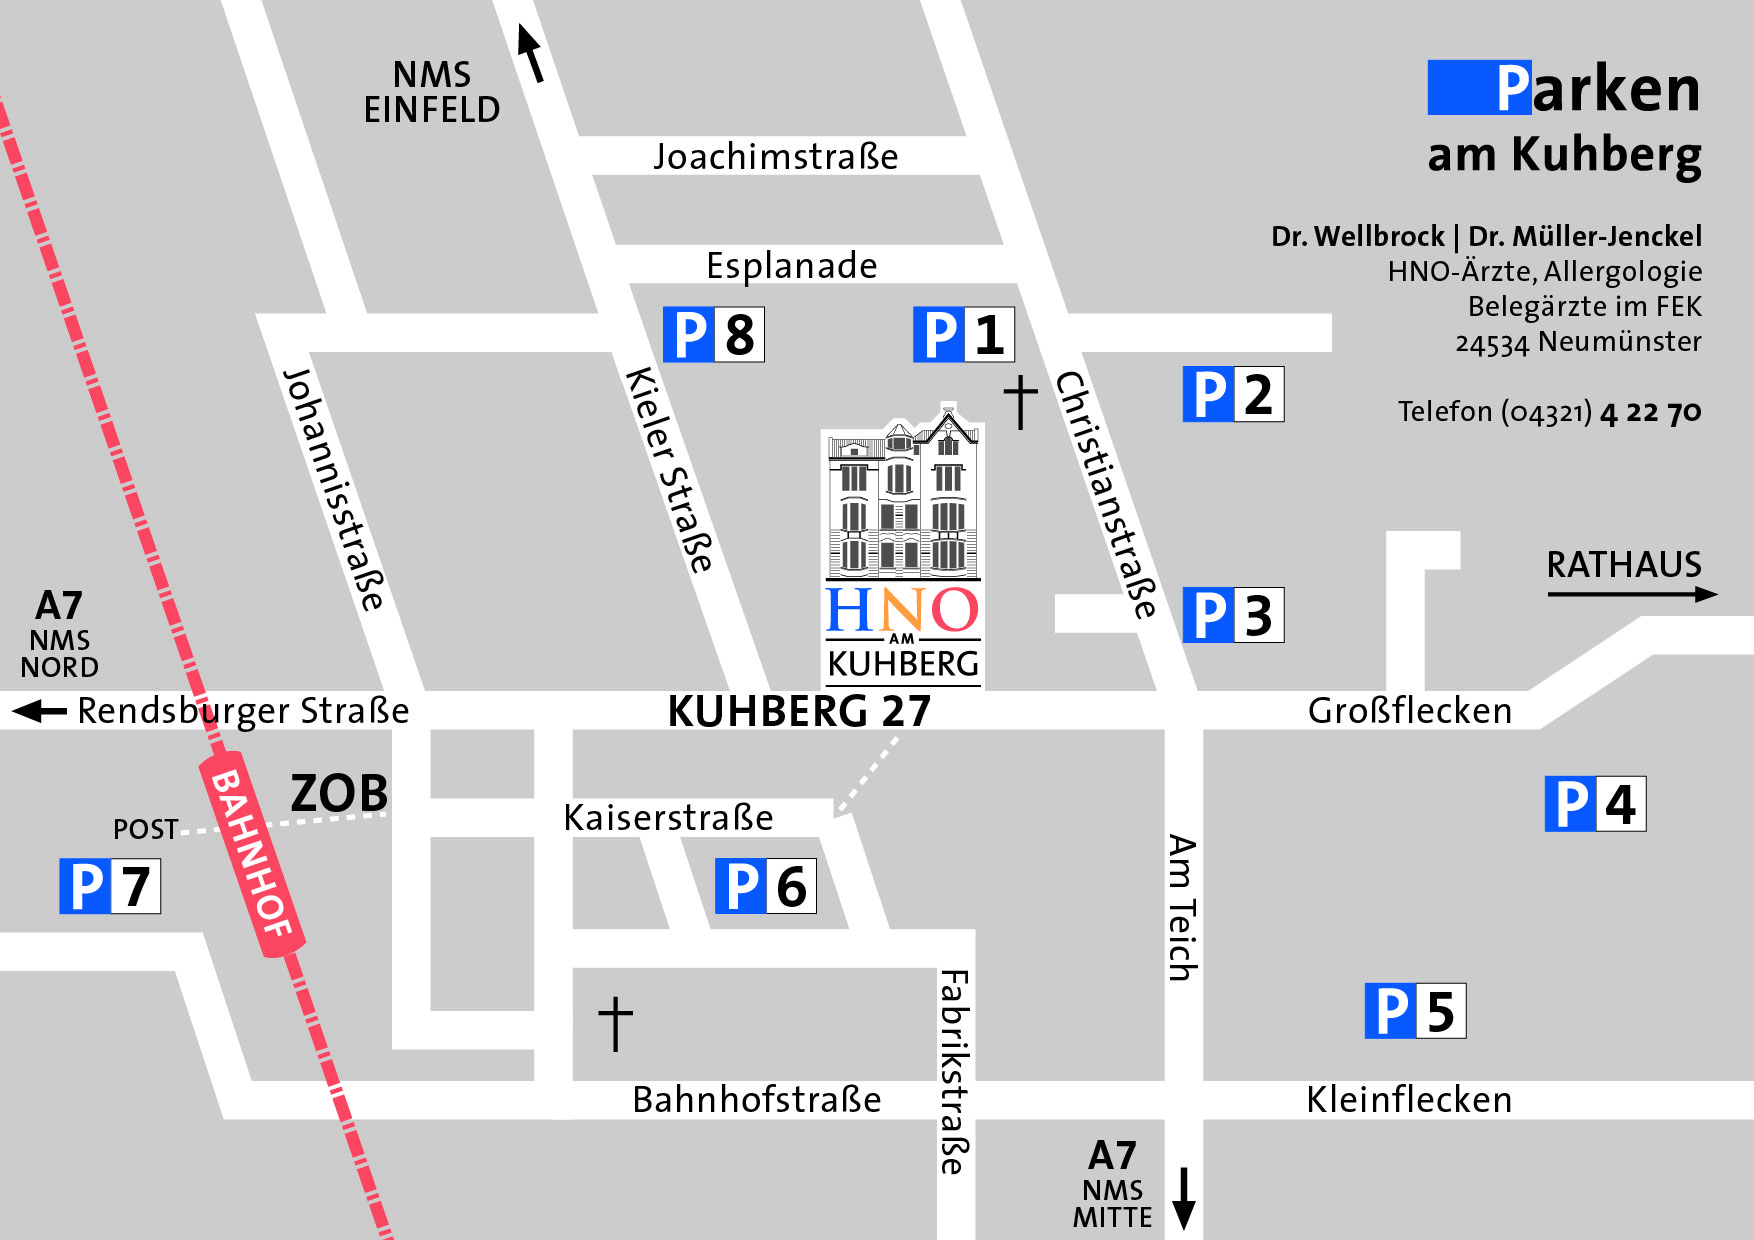 Anfahrt- und Parpklan HNO am Kuhberg